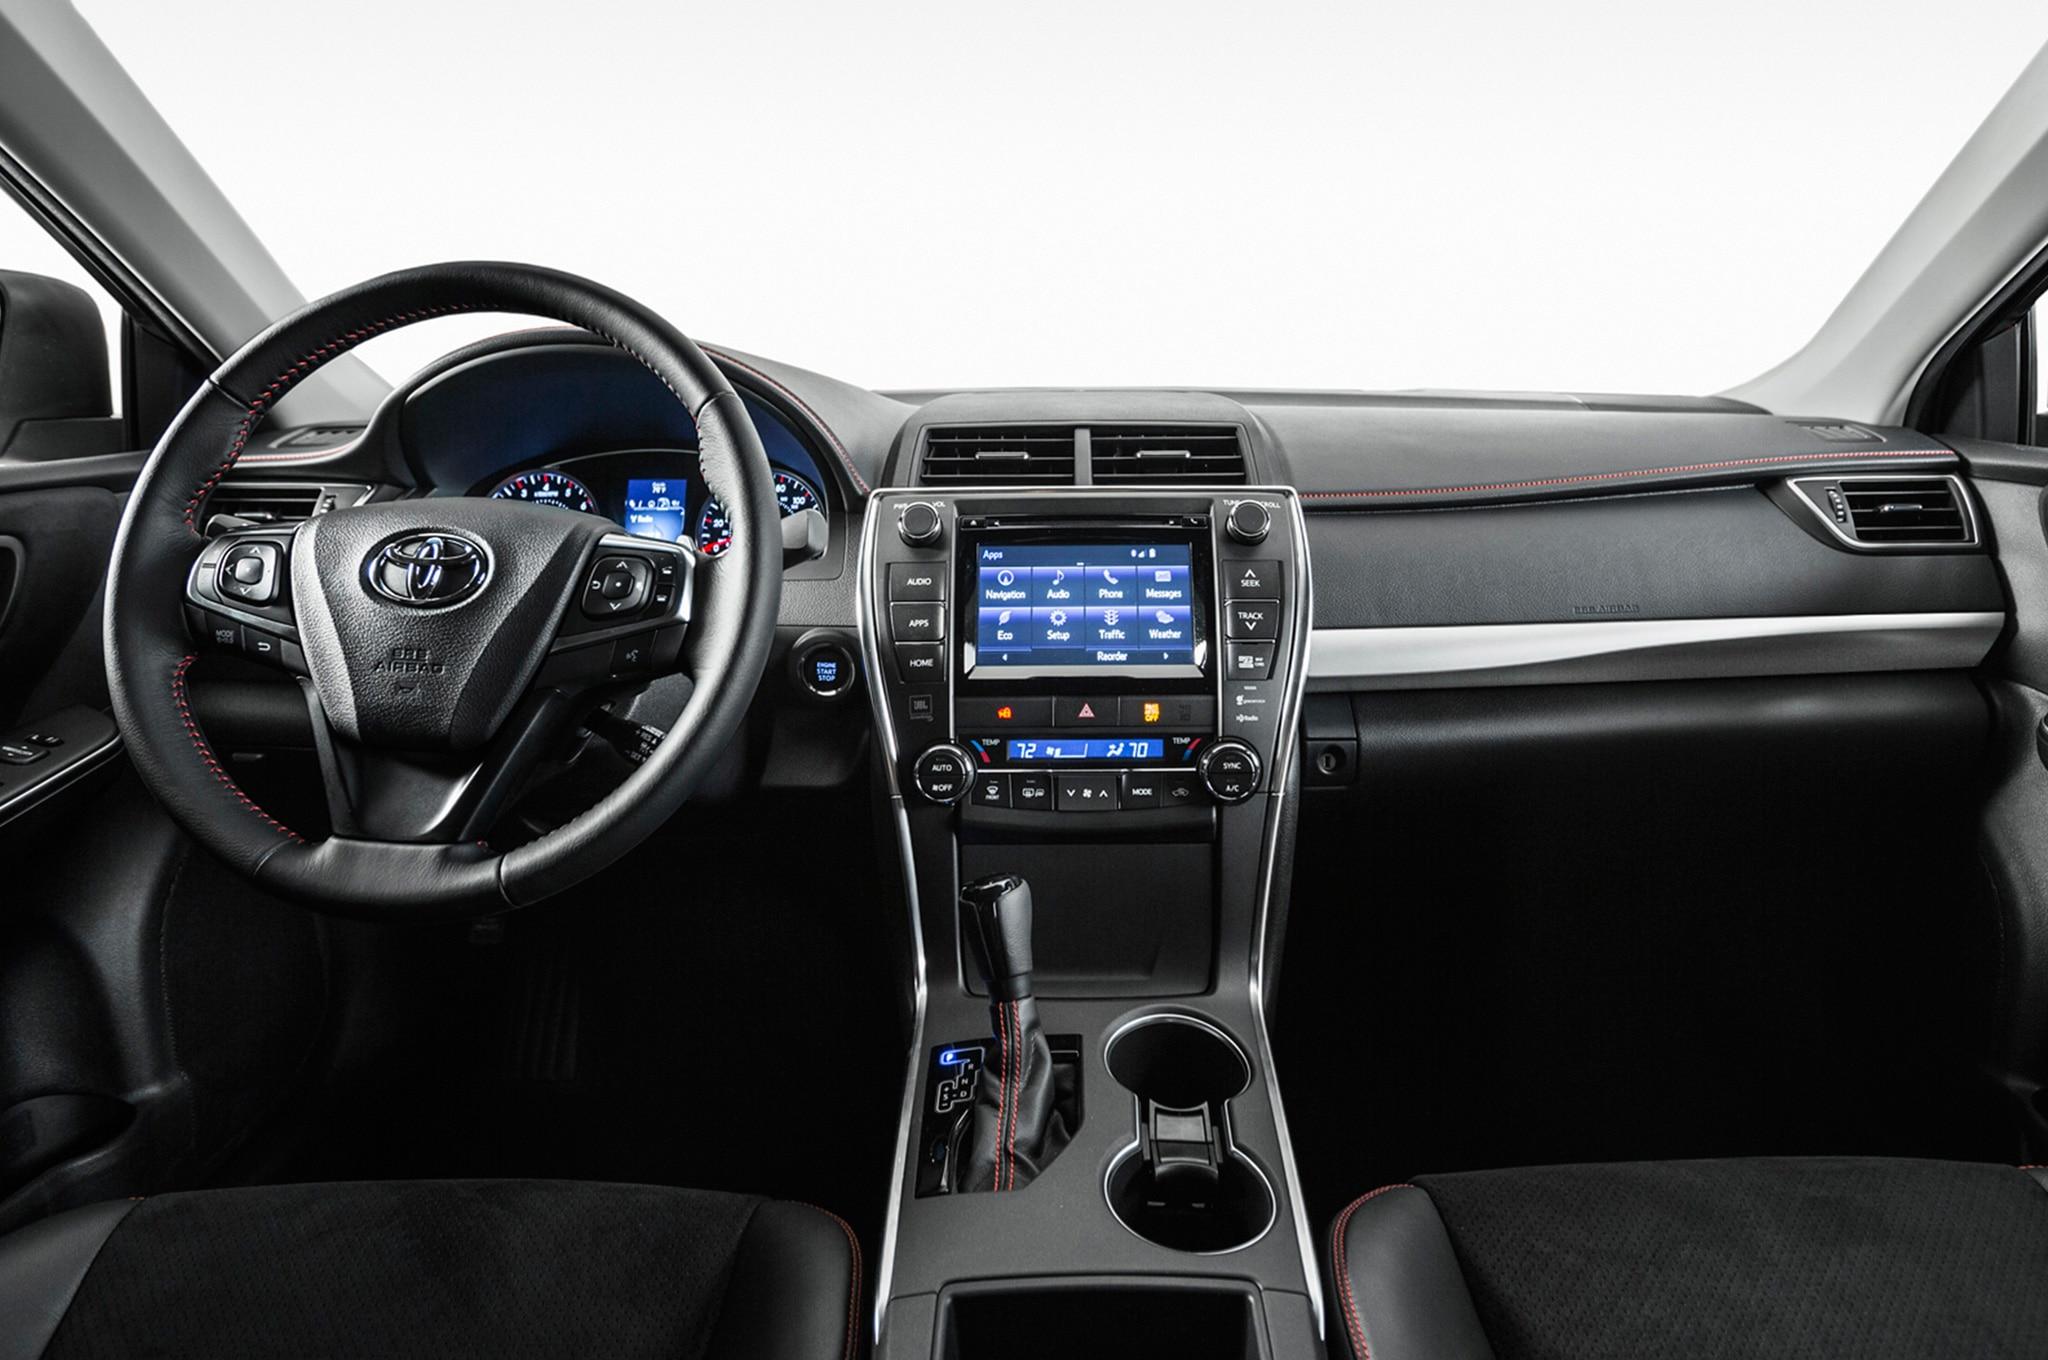 2017 Toyota Camry Xse Interior 3 Enero